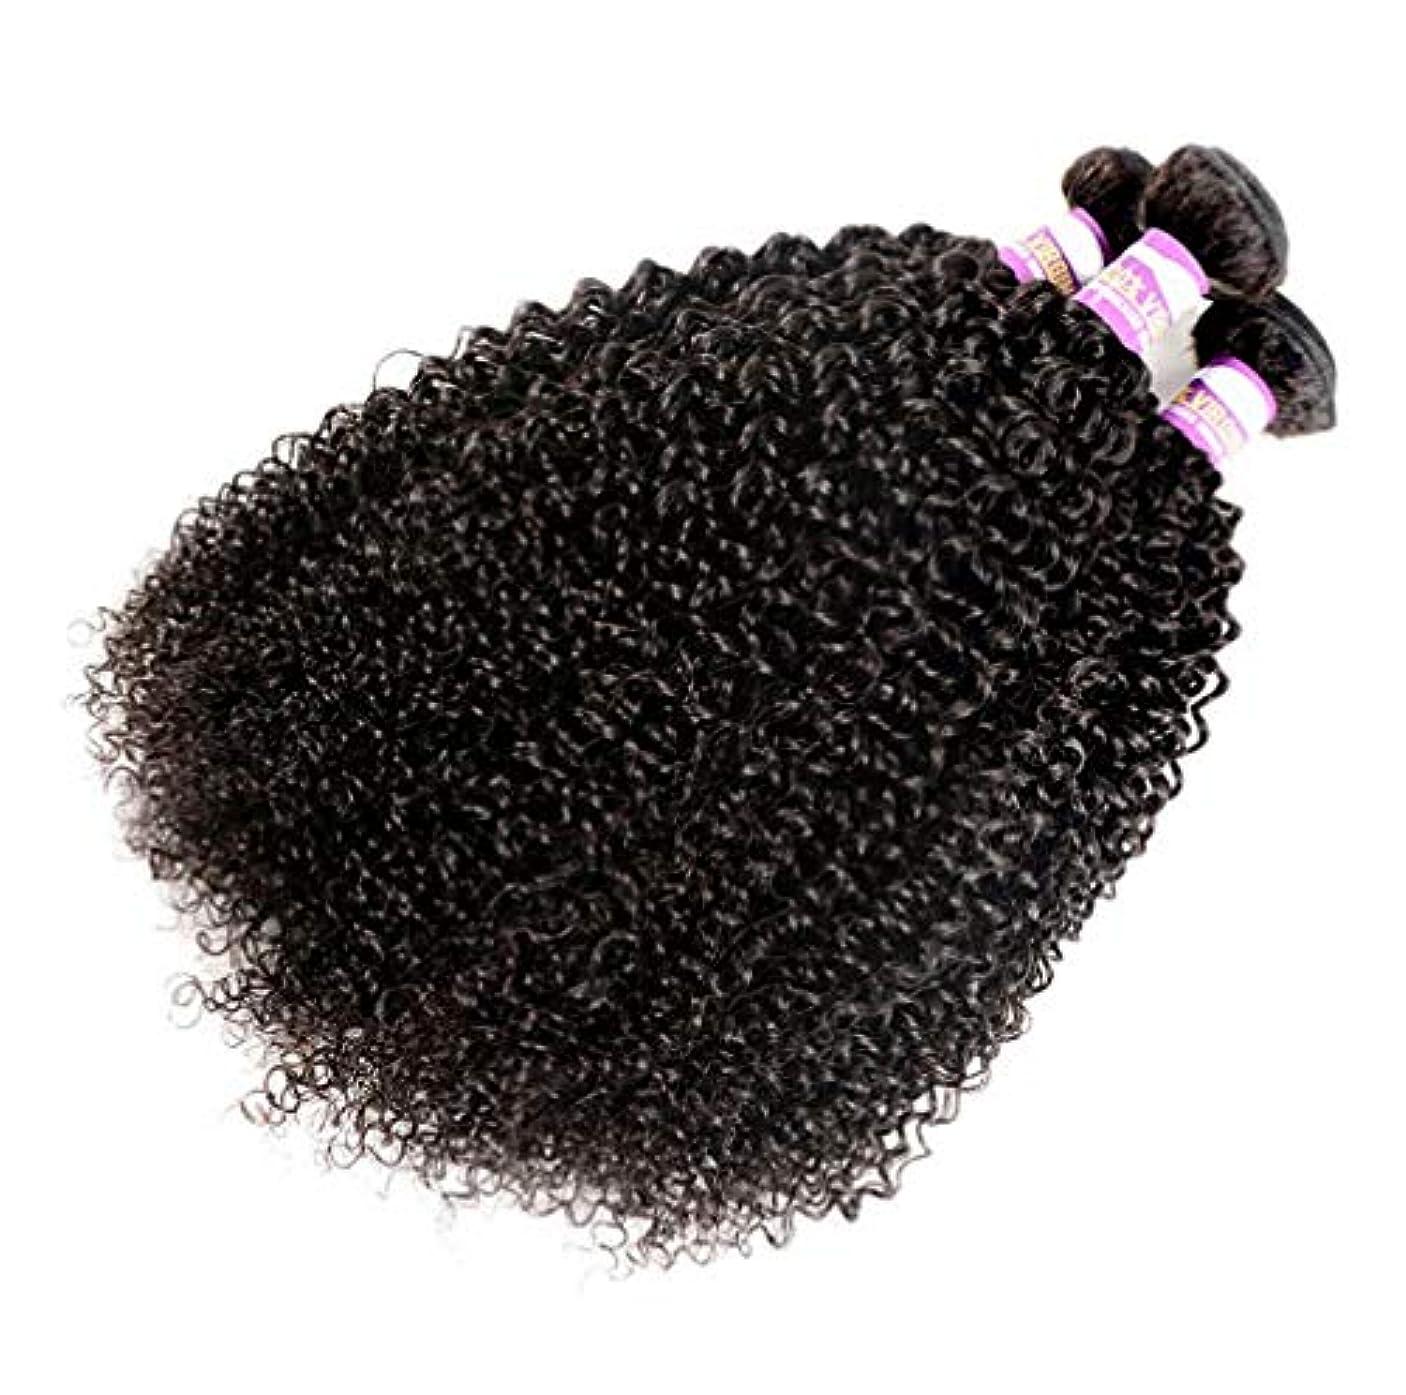 サーマル乳剤アノイ女性の深い波ブラジルの人間の髪織りカーリーバージン髪横糸未処理ブラジル毛延長自然色(3バンドル)